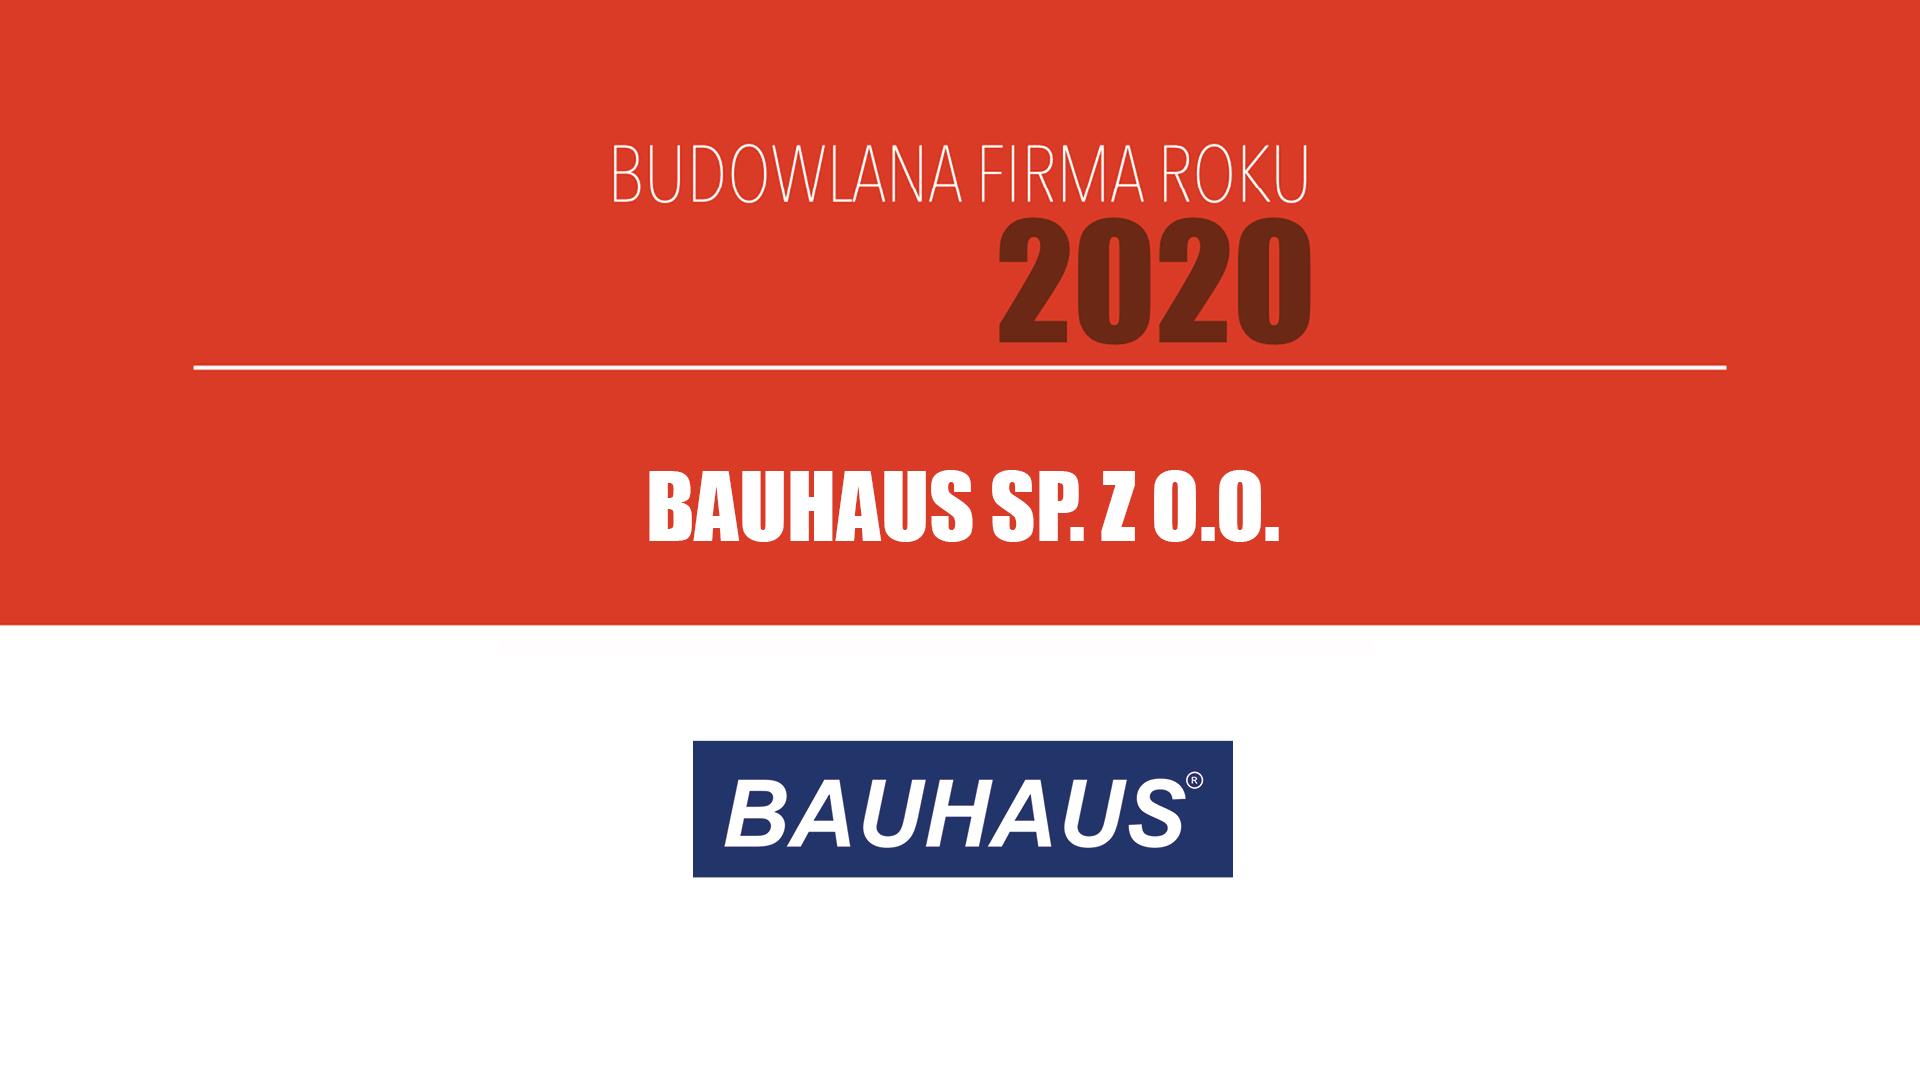 BAUHAUS SP. Z O.O.  – Budowlana Firma Roku 2020